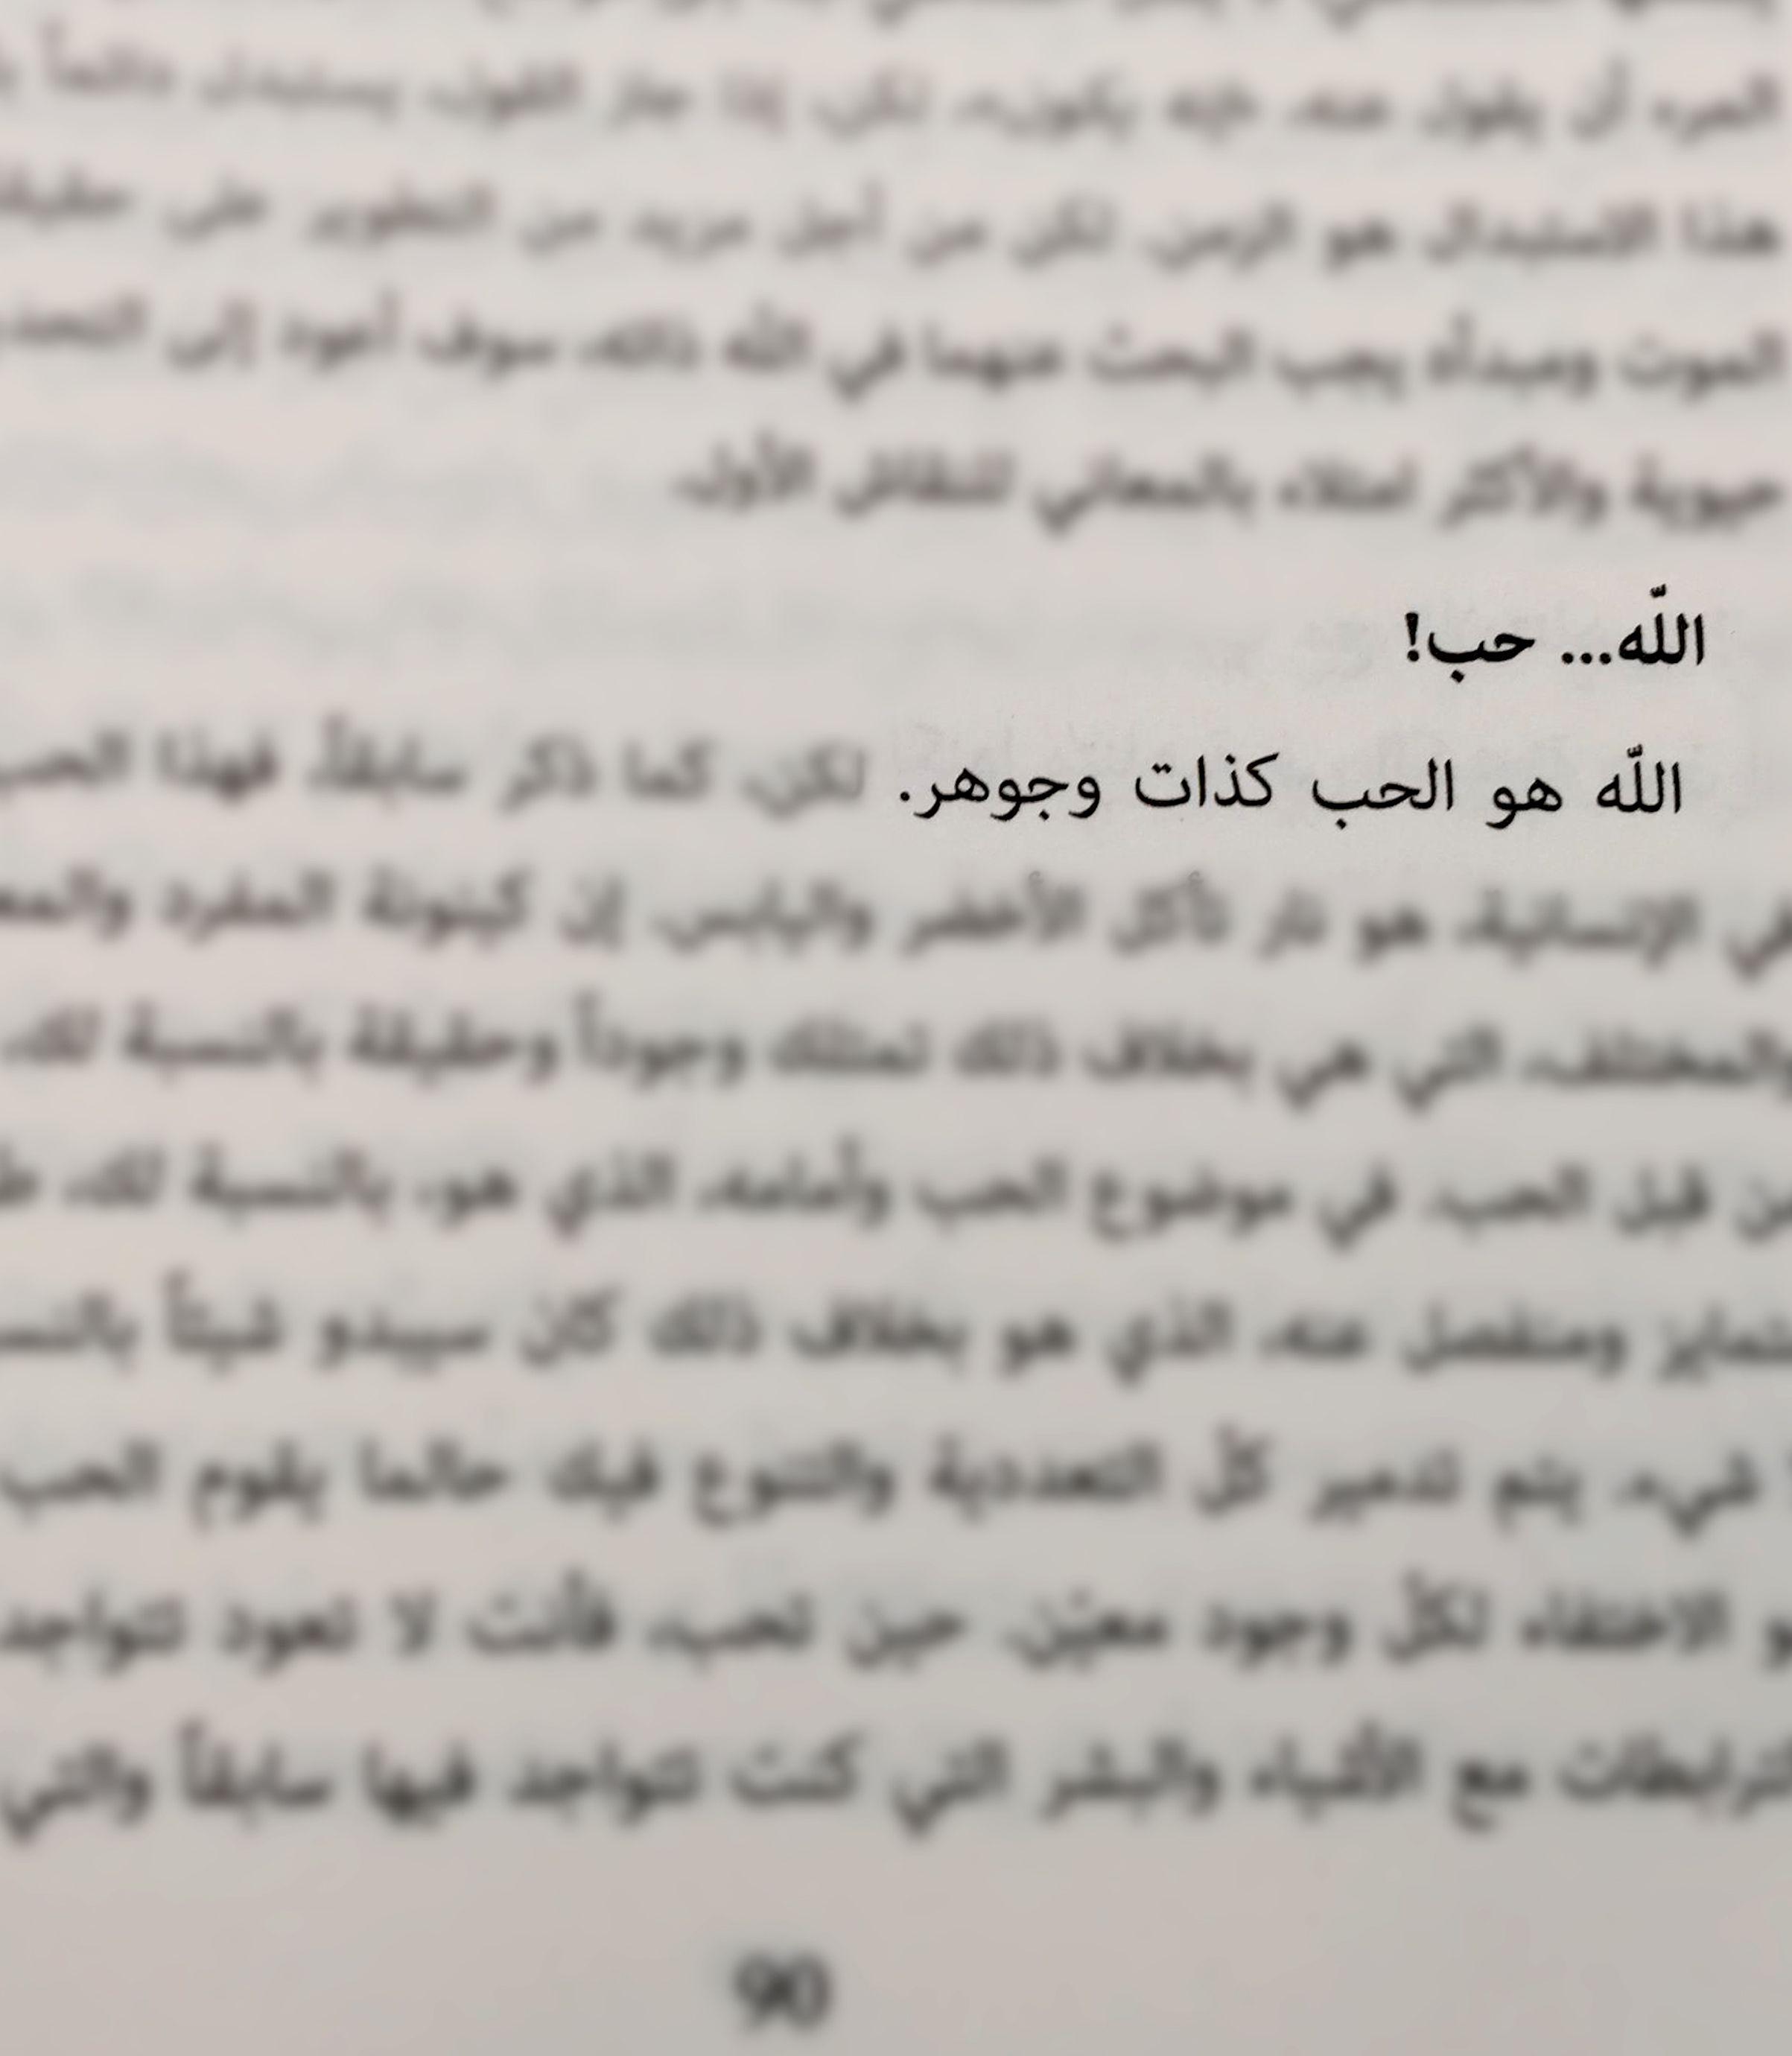 من كتاب أفكار حول الموت والازلية للمؤلف لودفيغ فوي رباخ إقتباسات Math Quotes Math Equations